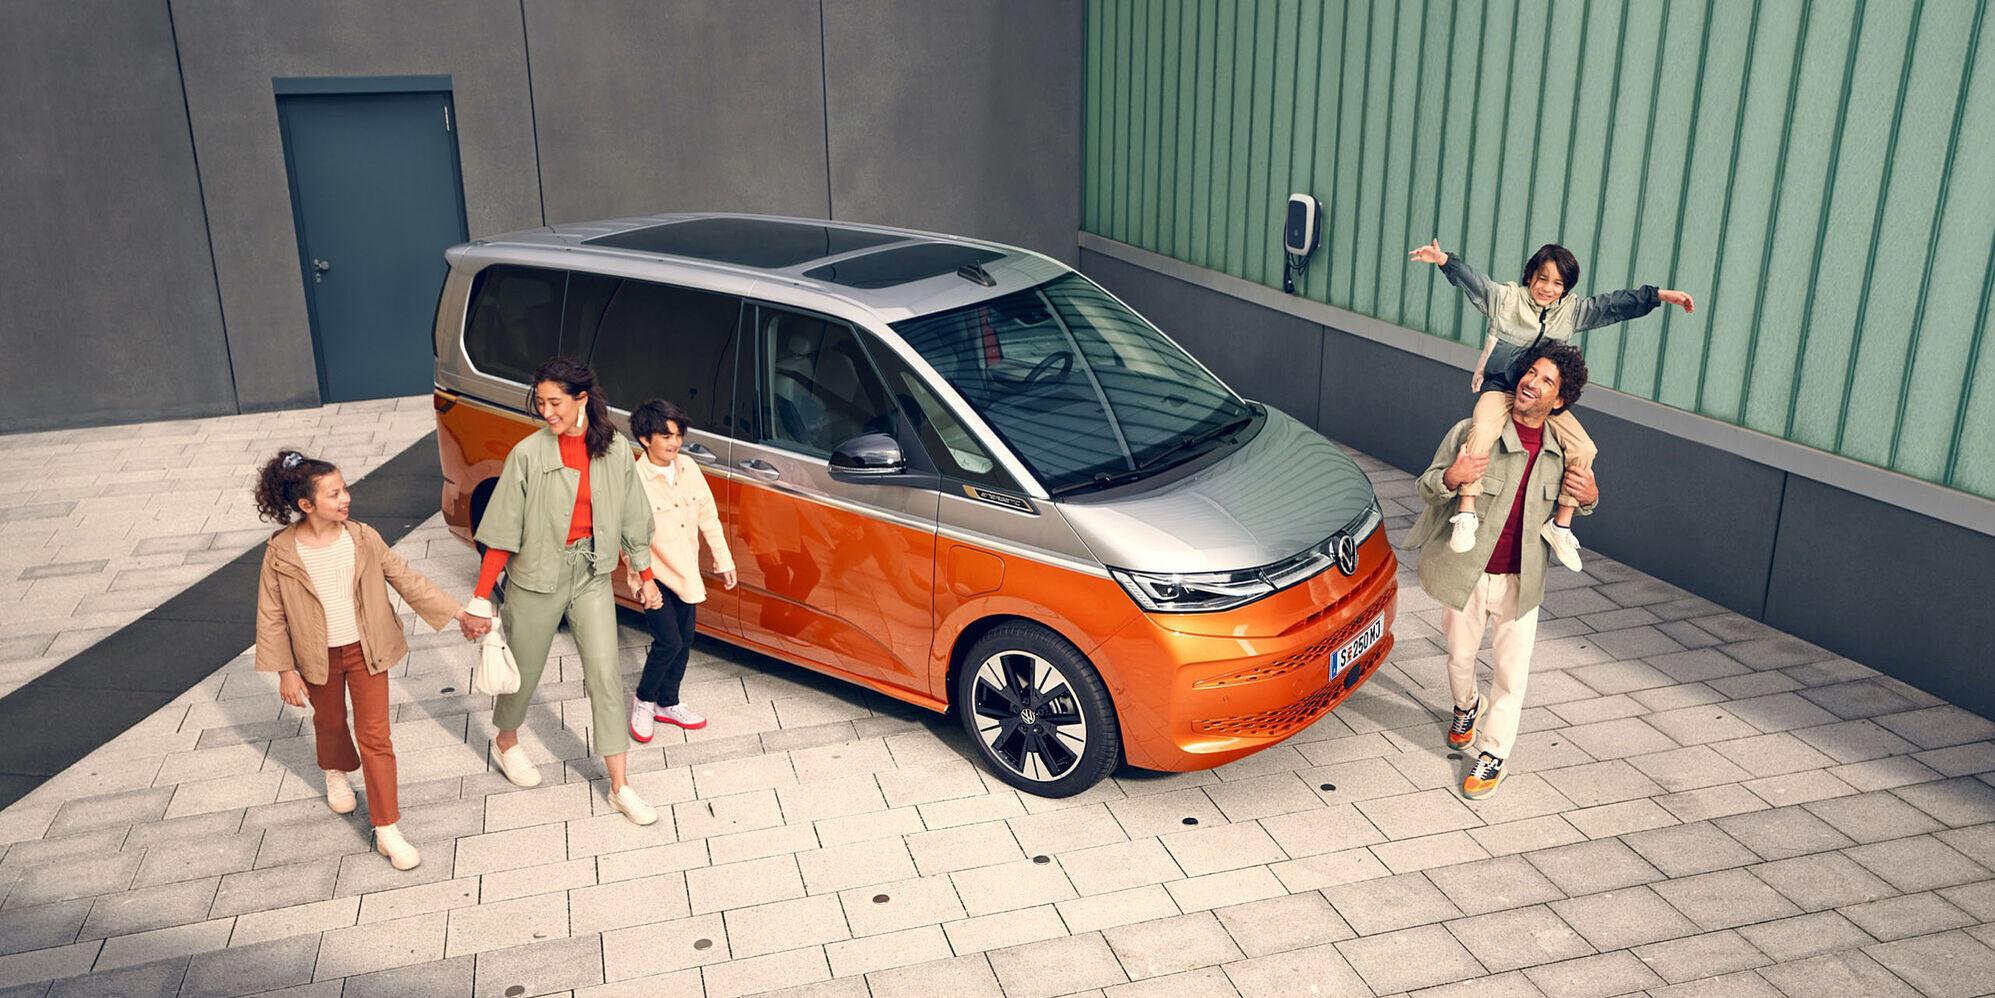 Novi Multivan – Ko vsestransko vozilo postane pionir